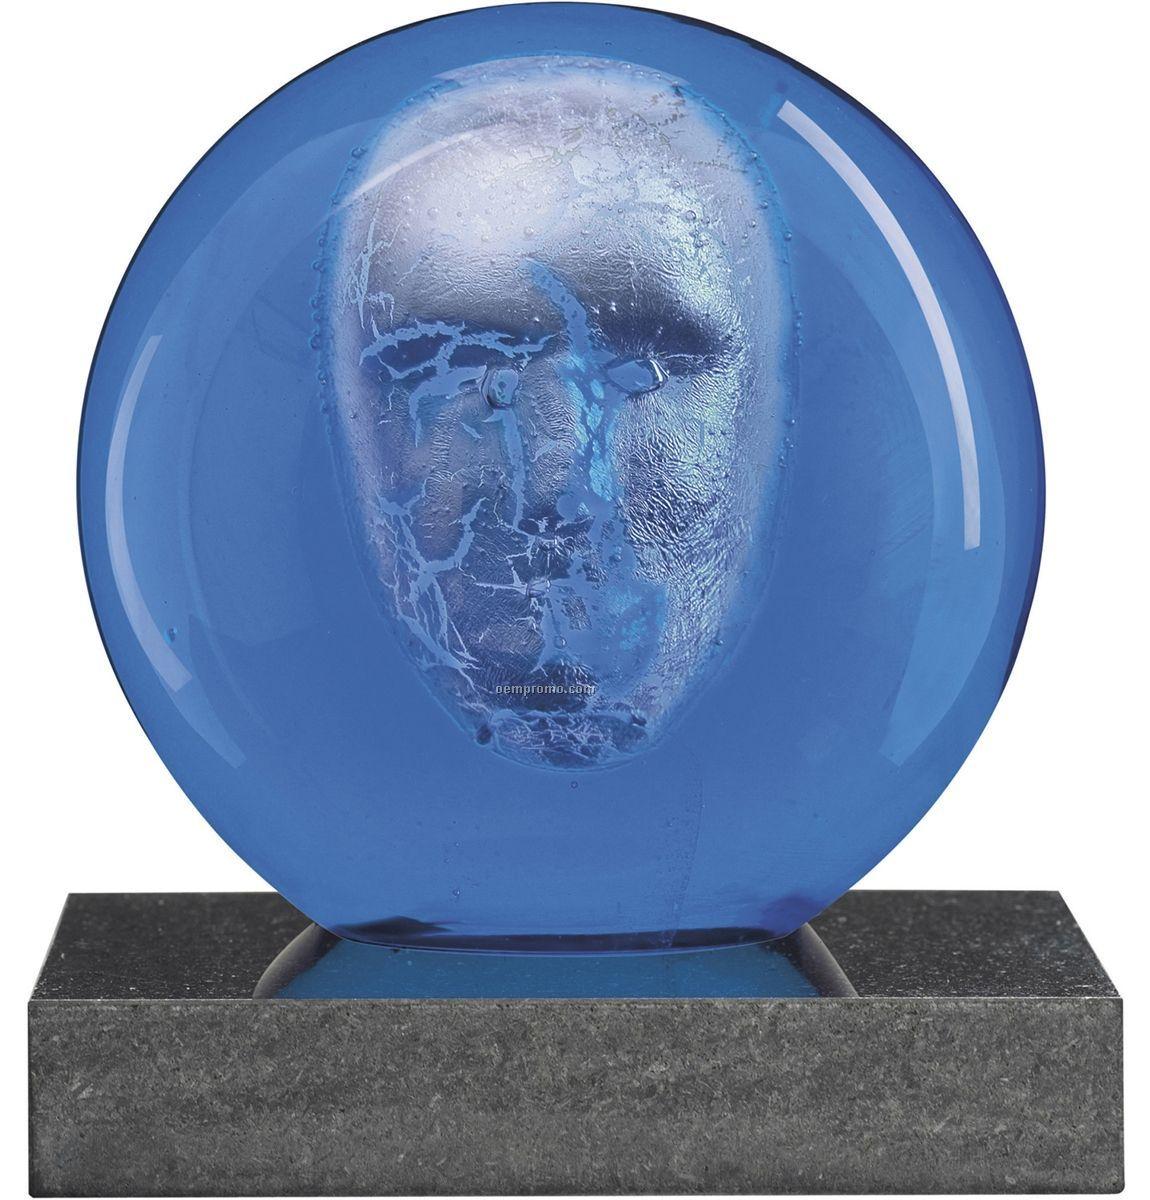 Headman Glass Art W/ Face Sculpture By Bertil Vallien (Blue)